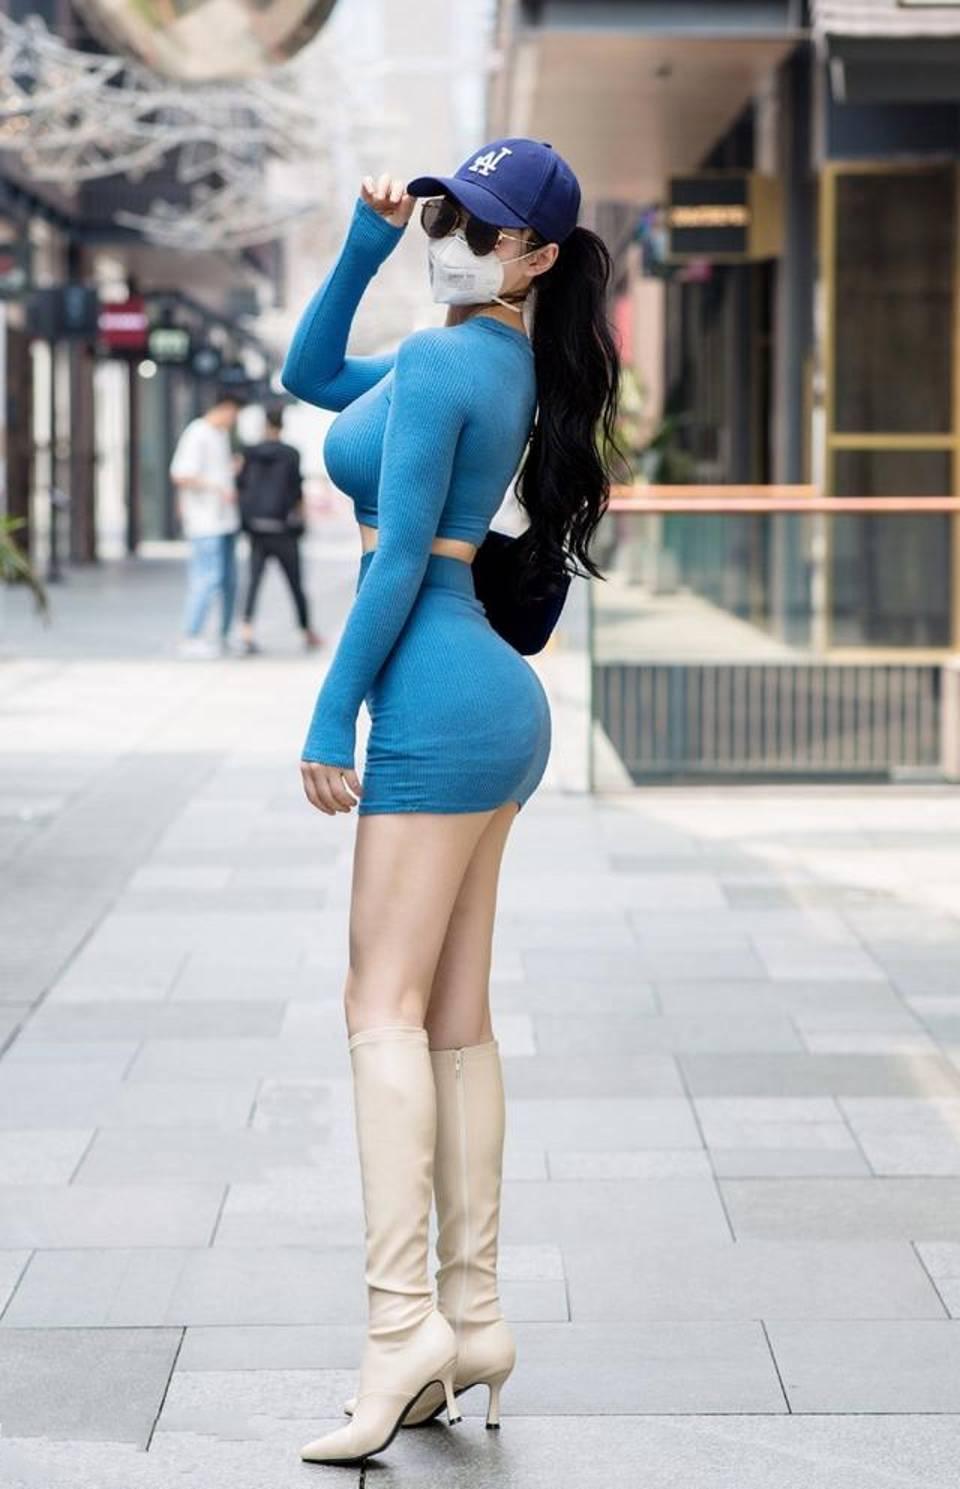 街拍,吊带连衣裙上面有许多闪闪发光的亮片,简直不要太迷人